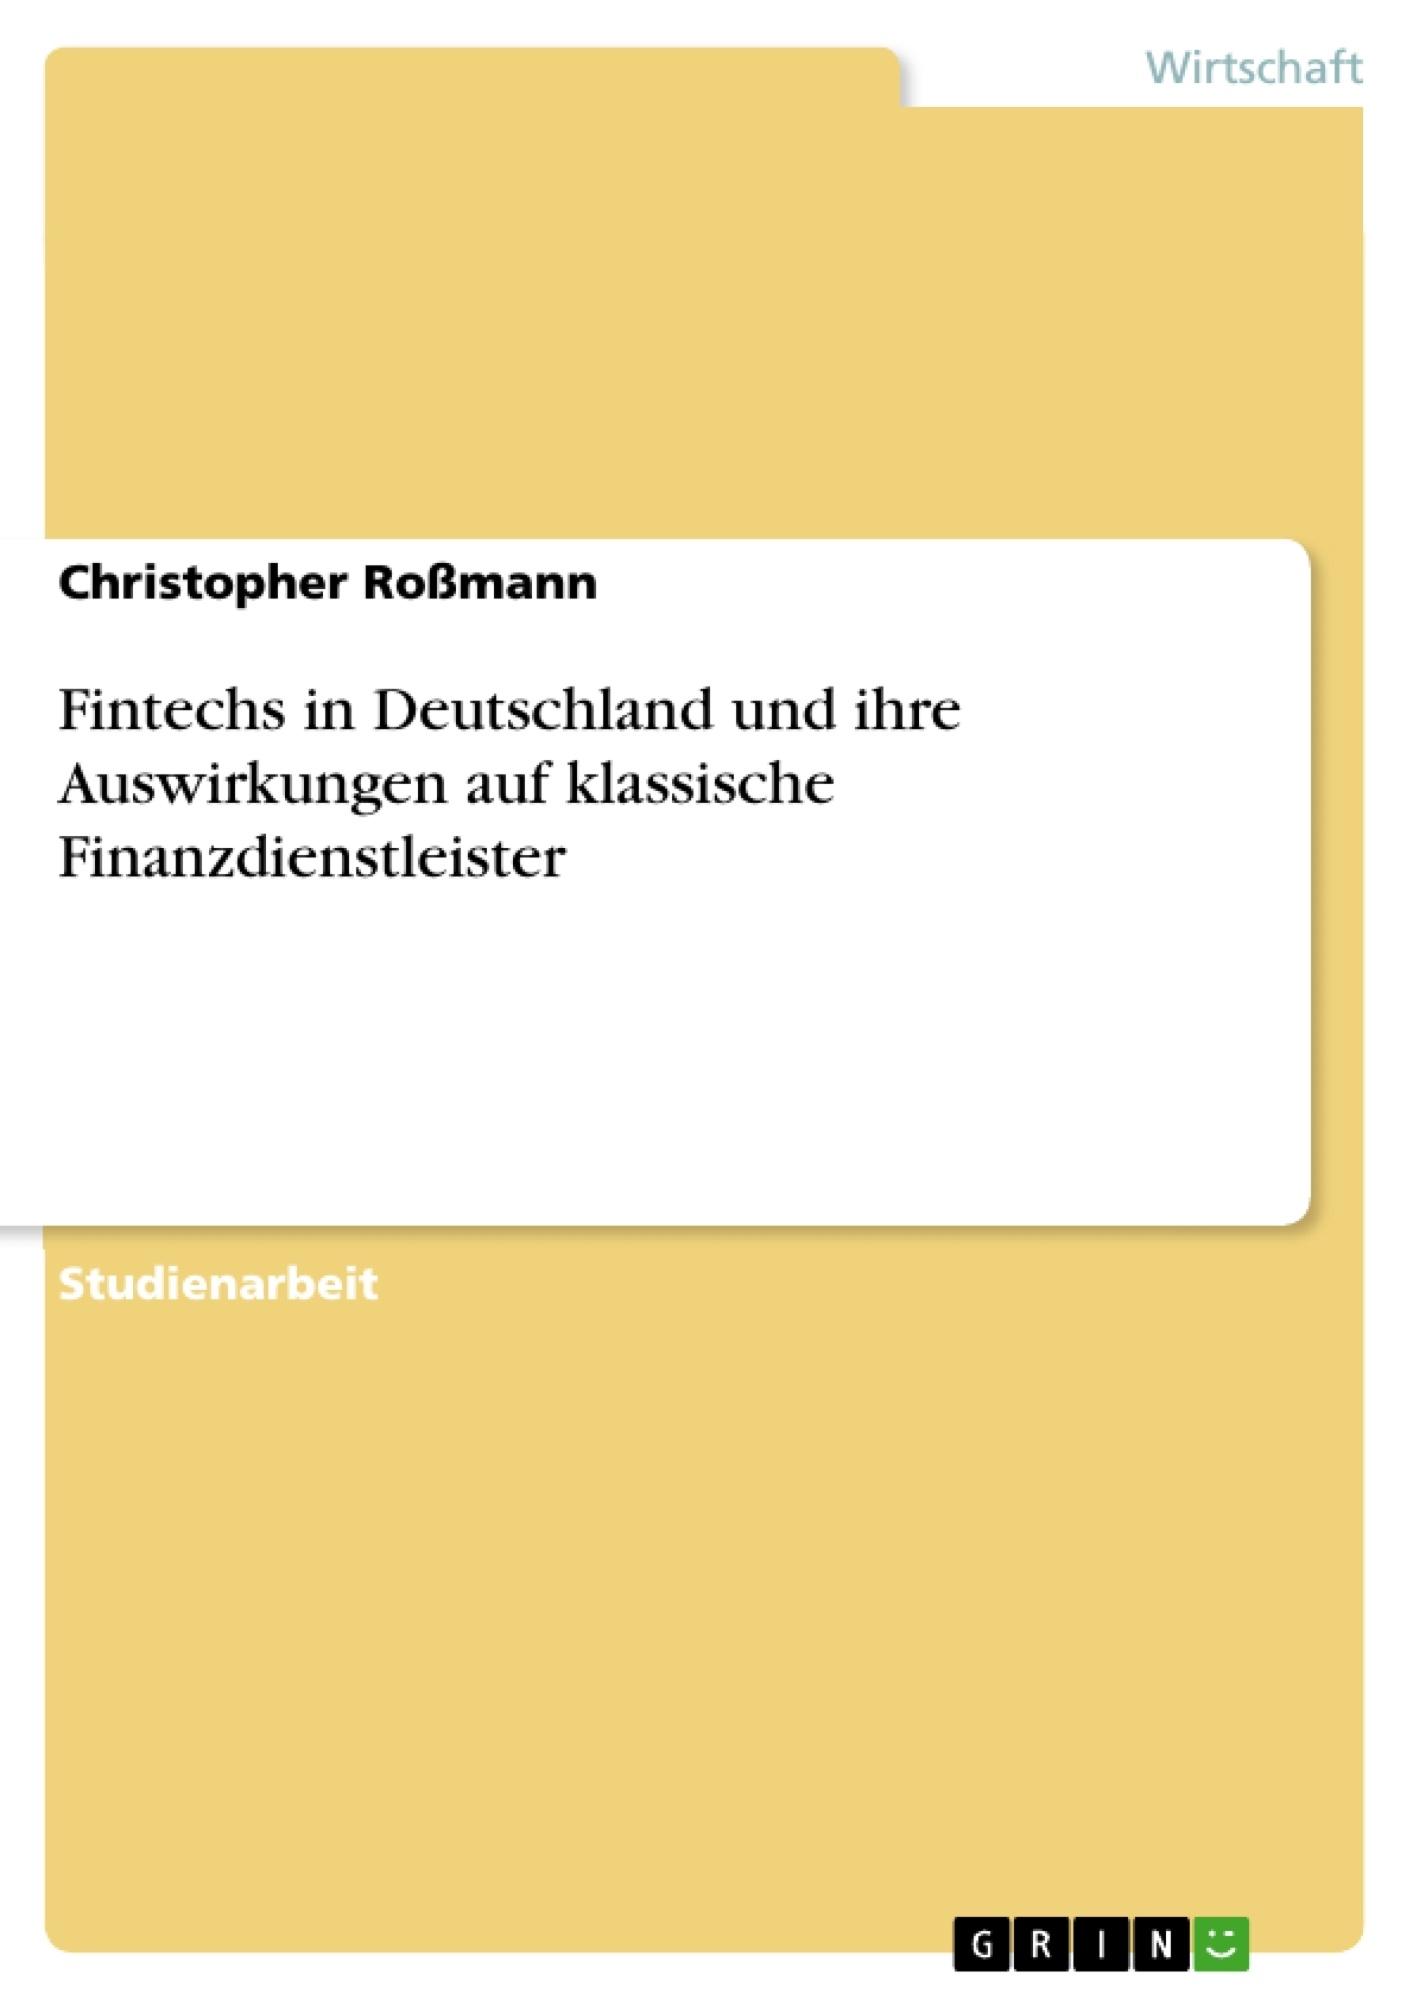 Titel: Fintechs in Deutschland und ihre Auswirkungen auf klassische Finanzdienstleister